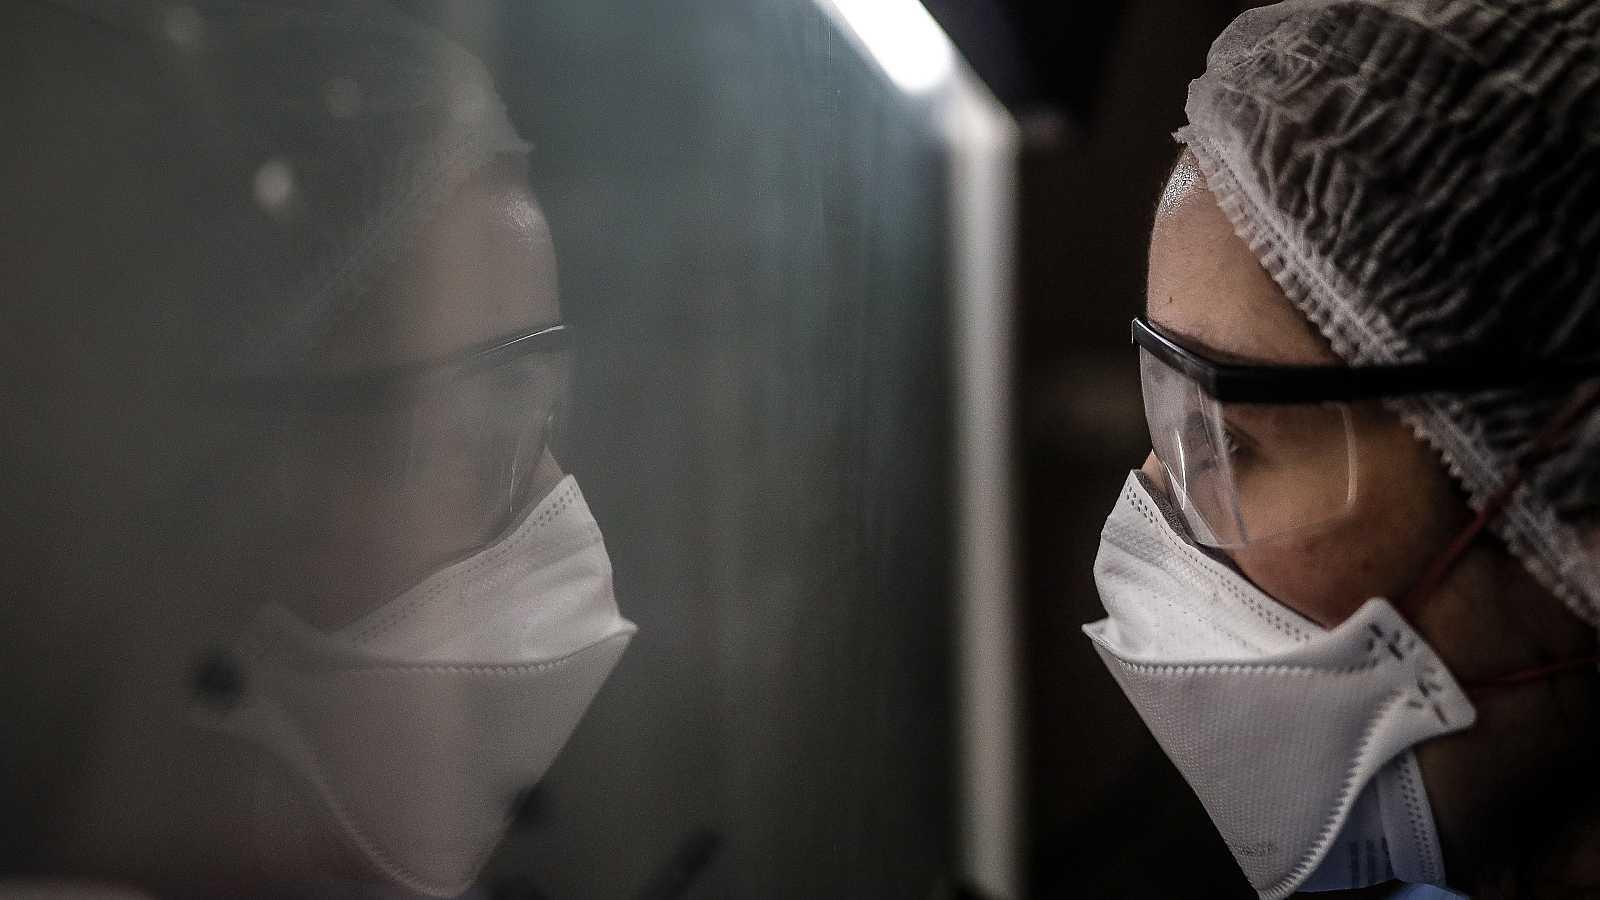 El personal sanitario está siendo uno de los colectivos más expuestos al coronavirus durante la pandemia.